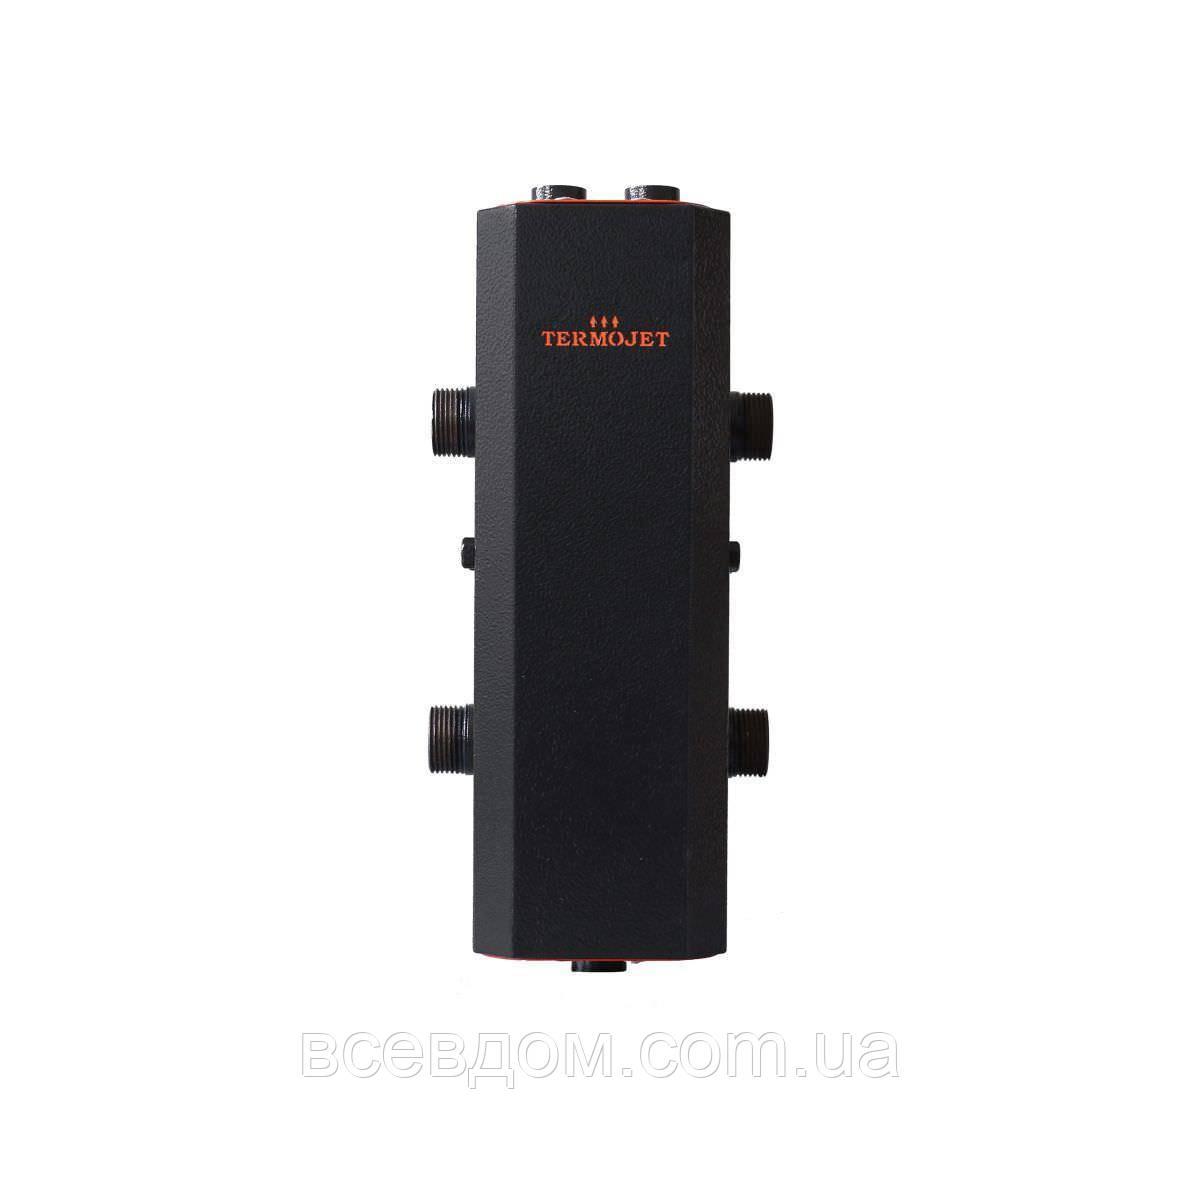 Гидрострелка Termojet ГС-26 в ізоляції